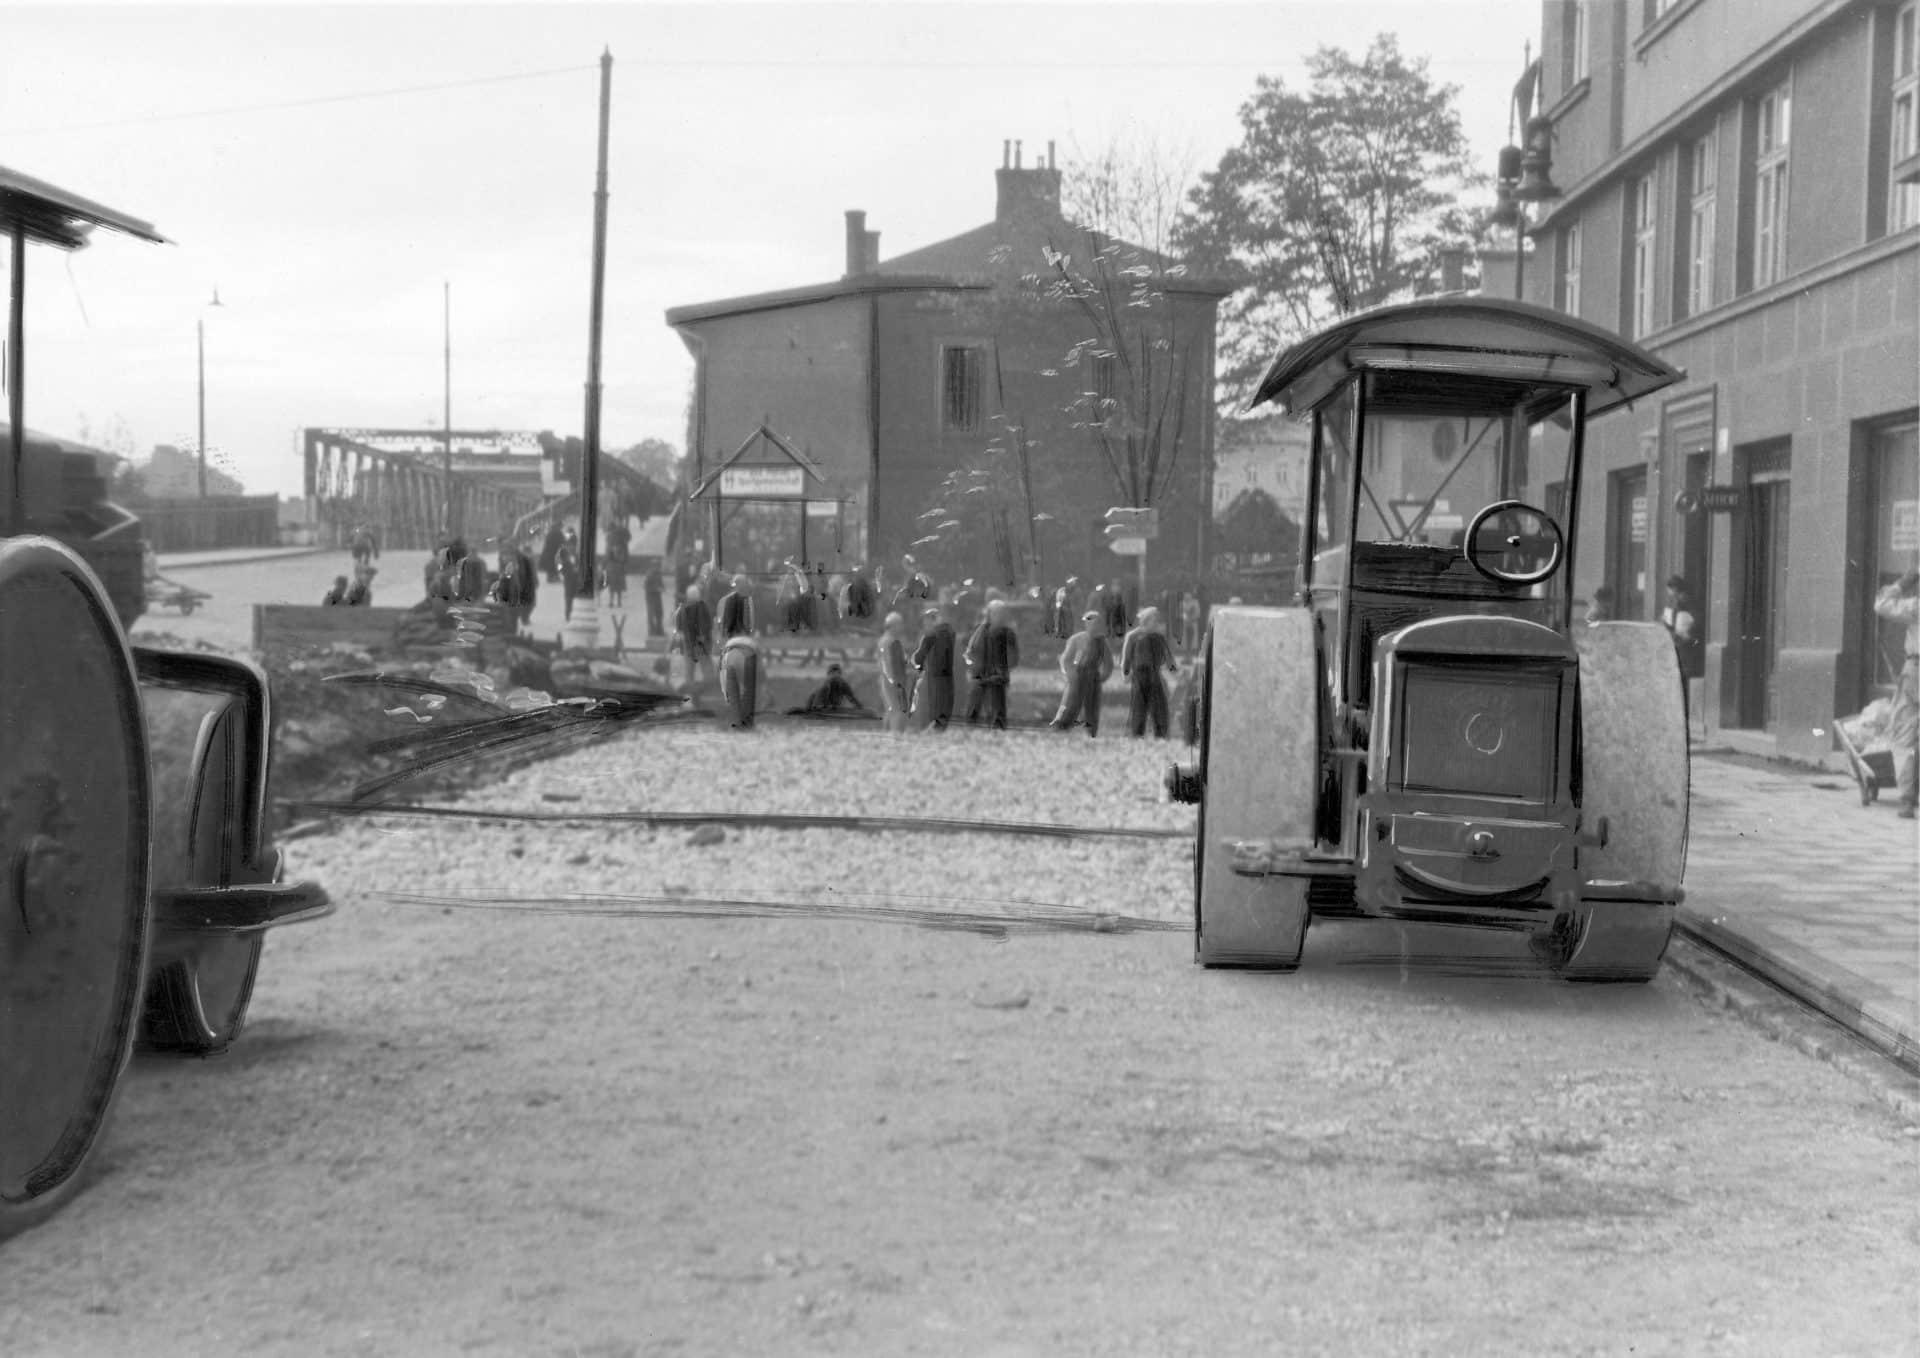 Roboty drogowe w Alei Krasińskiego w Krakowie, 1941 rok. Źródło: Narodowe Archiwum Cyfrowe. Niemiecka okupacja w Krakowie